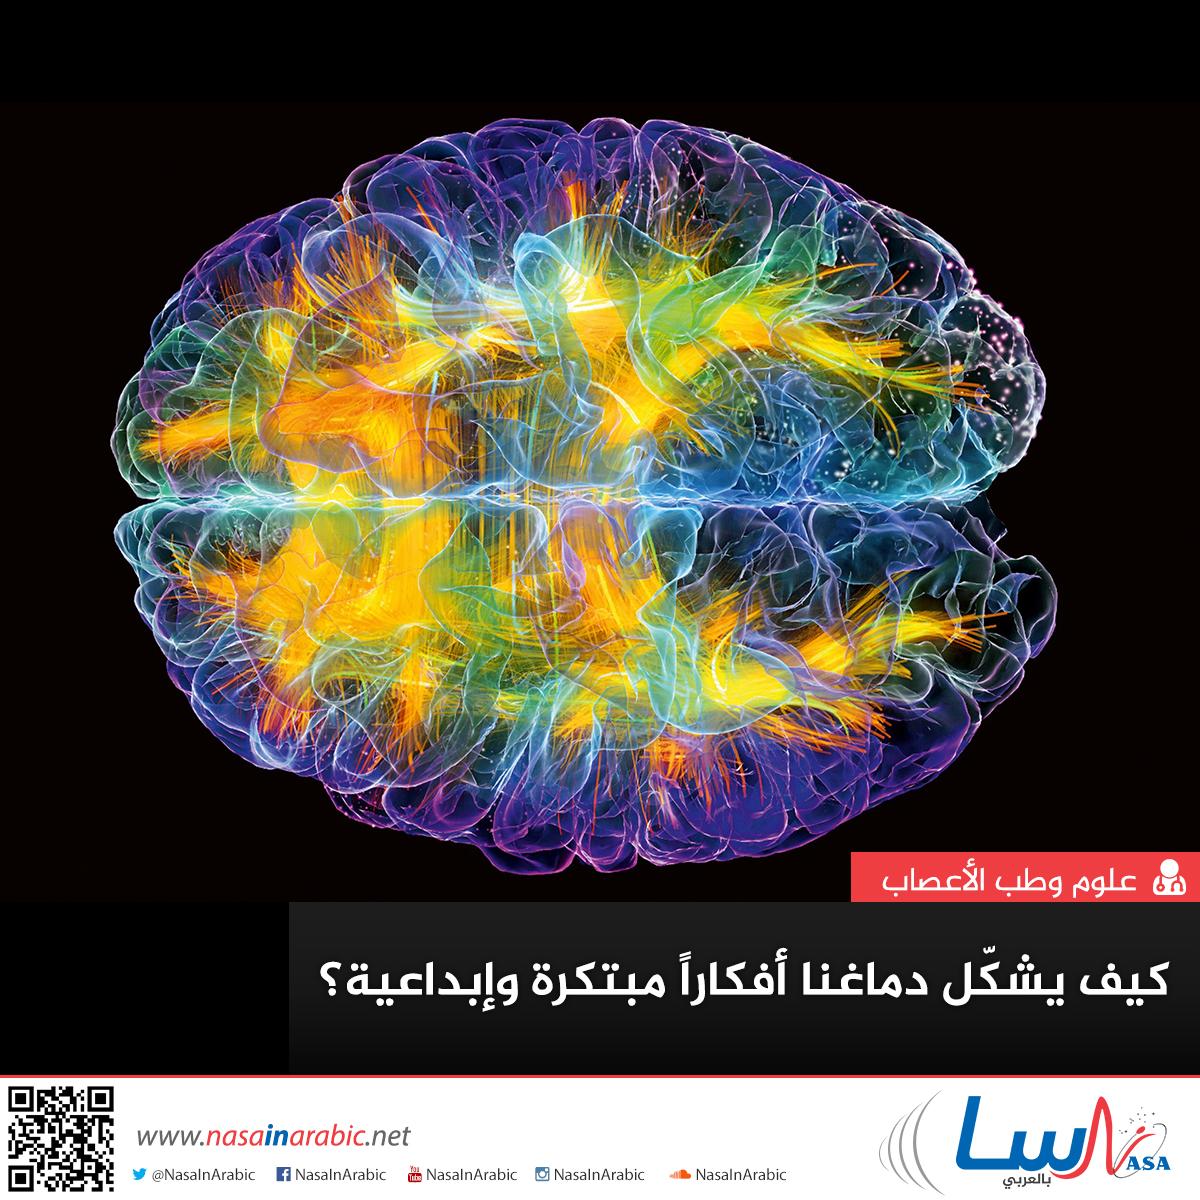 كيف يشكل دماغنا أفكارًا مبتكرة وإبداعية؟